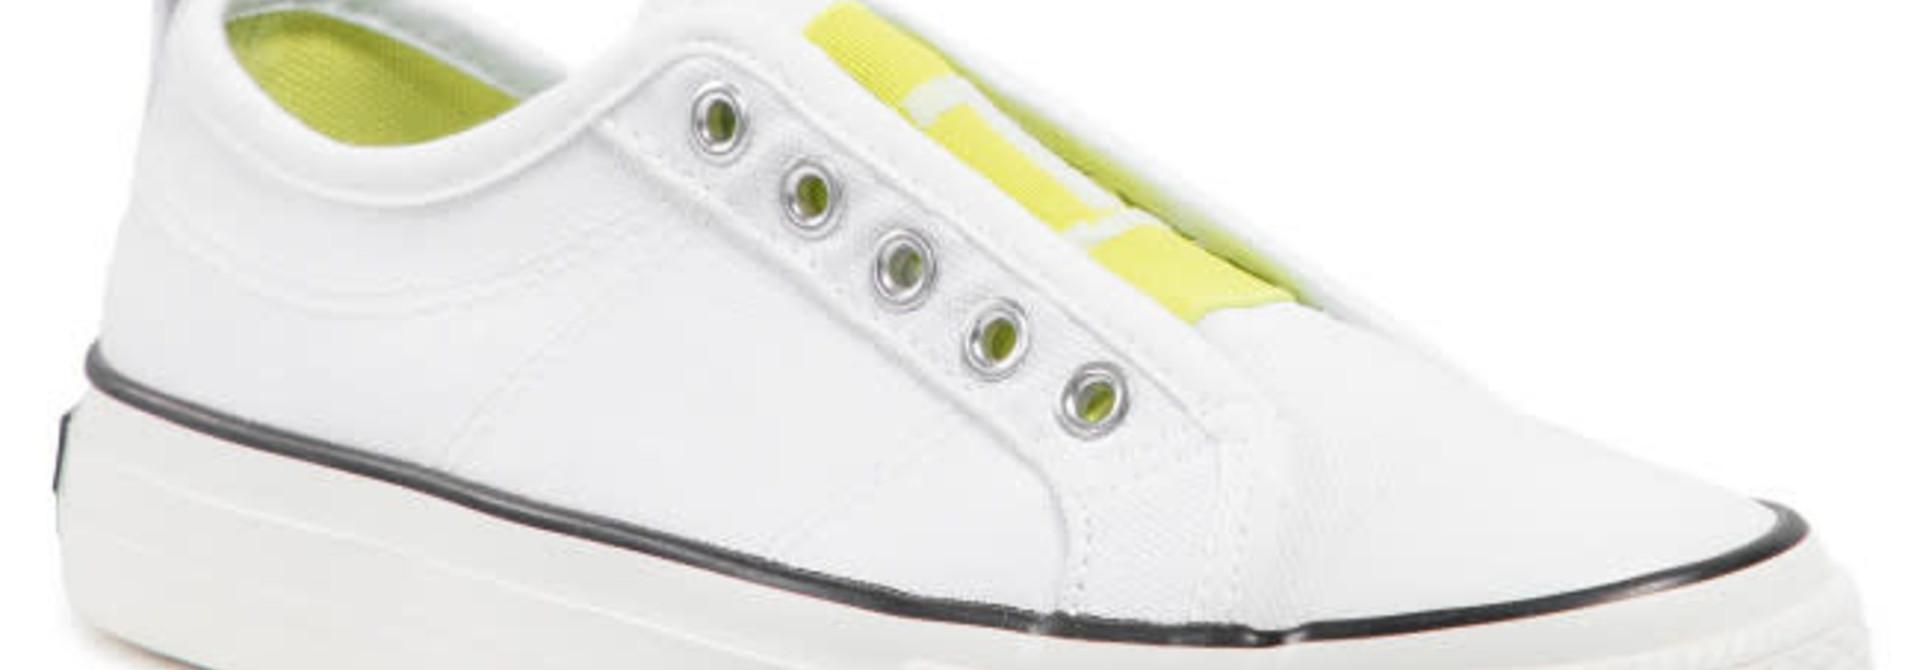 sneaker twin-set